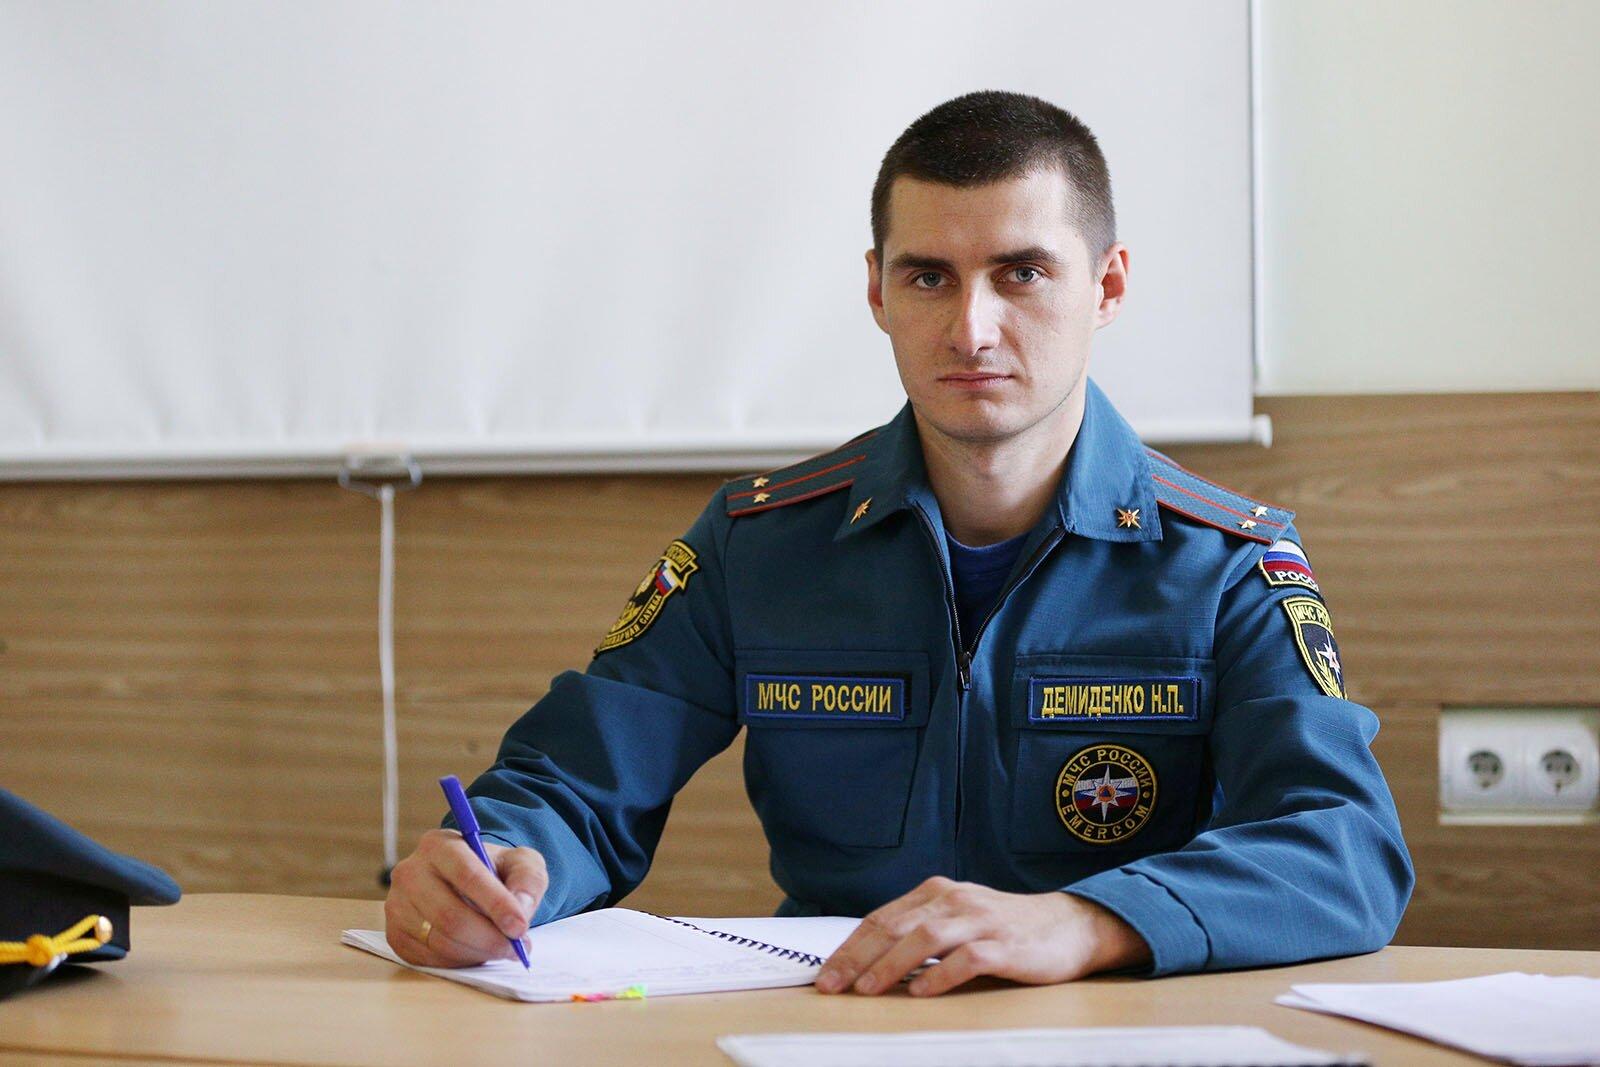 Николай Демиденко